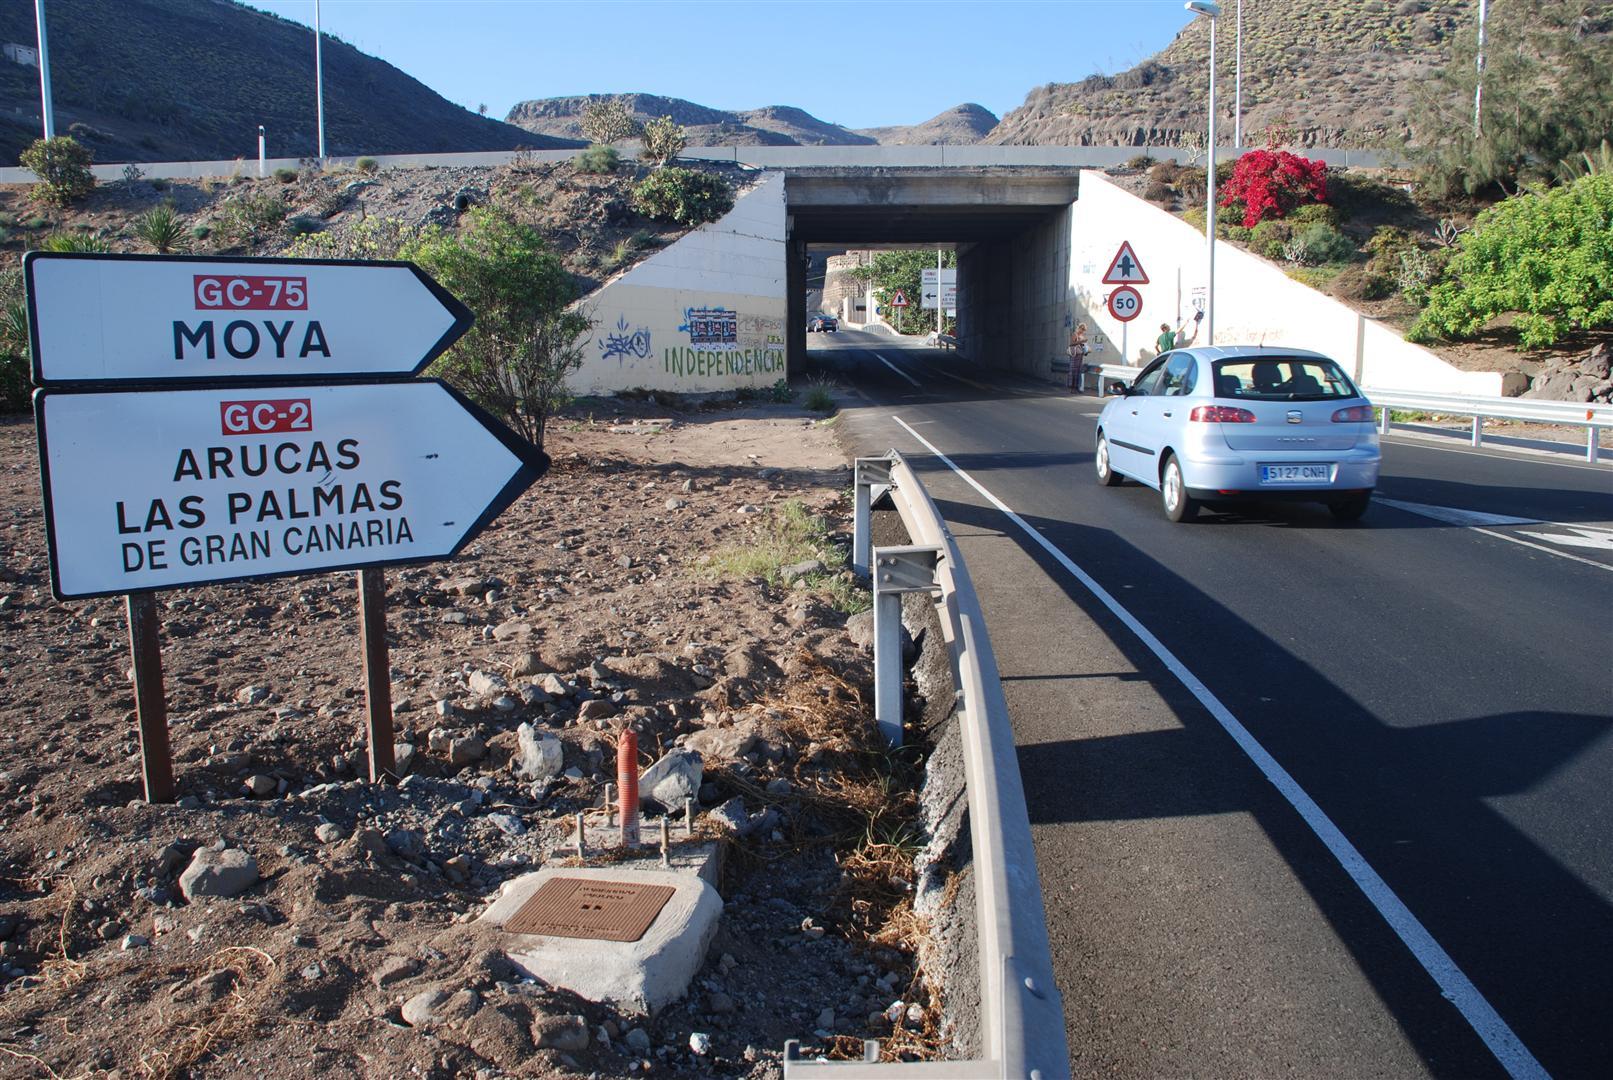 Obras Públicas gastará más de 10 millones de euros para aumentar la seguridad de las carreteras canarias en 2018